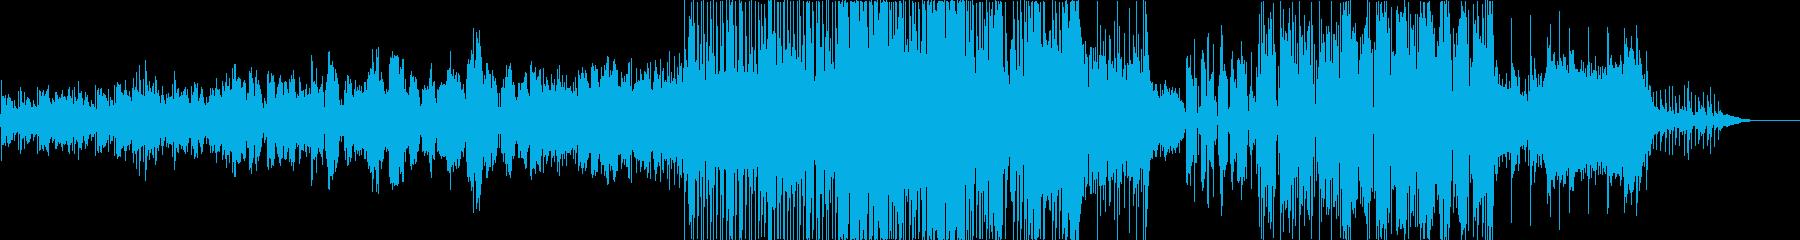 ほのぼのした希望溢れるレゲエの再生済みの波形